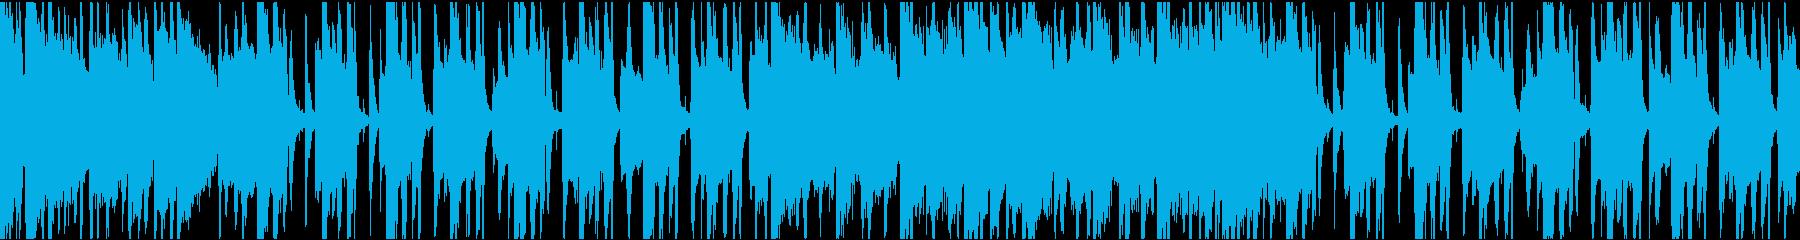 ゆったりコミカル/ループ/イントロ8秒の再生済みの波形